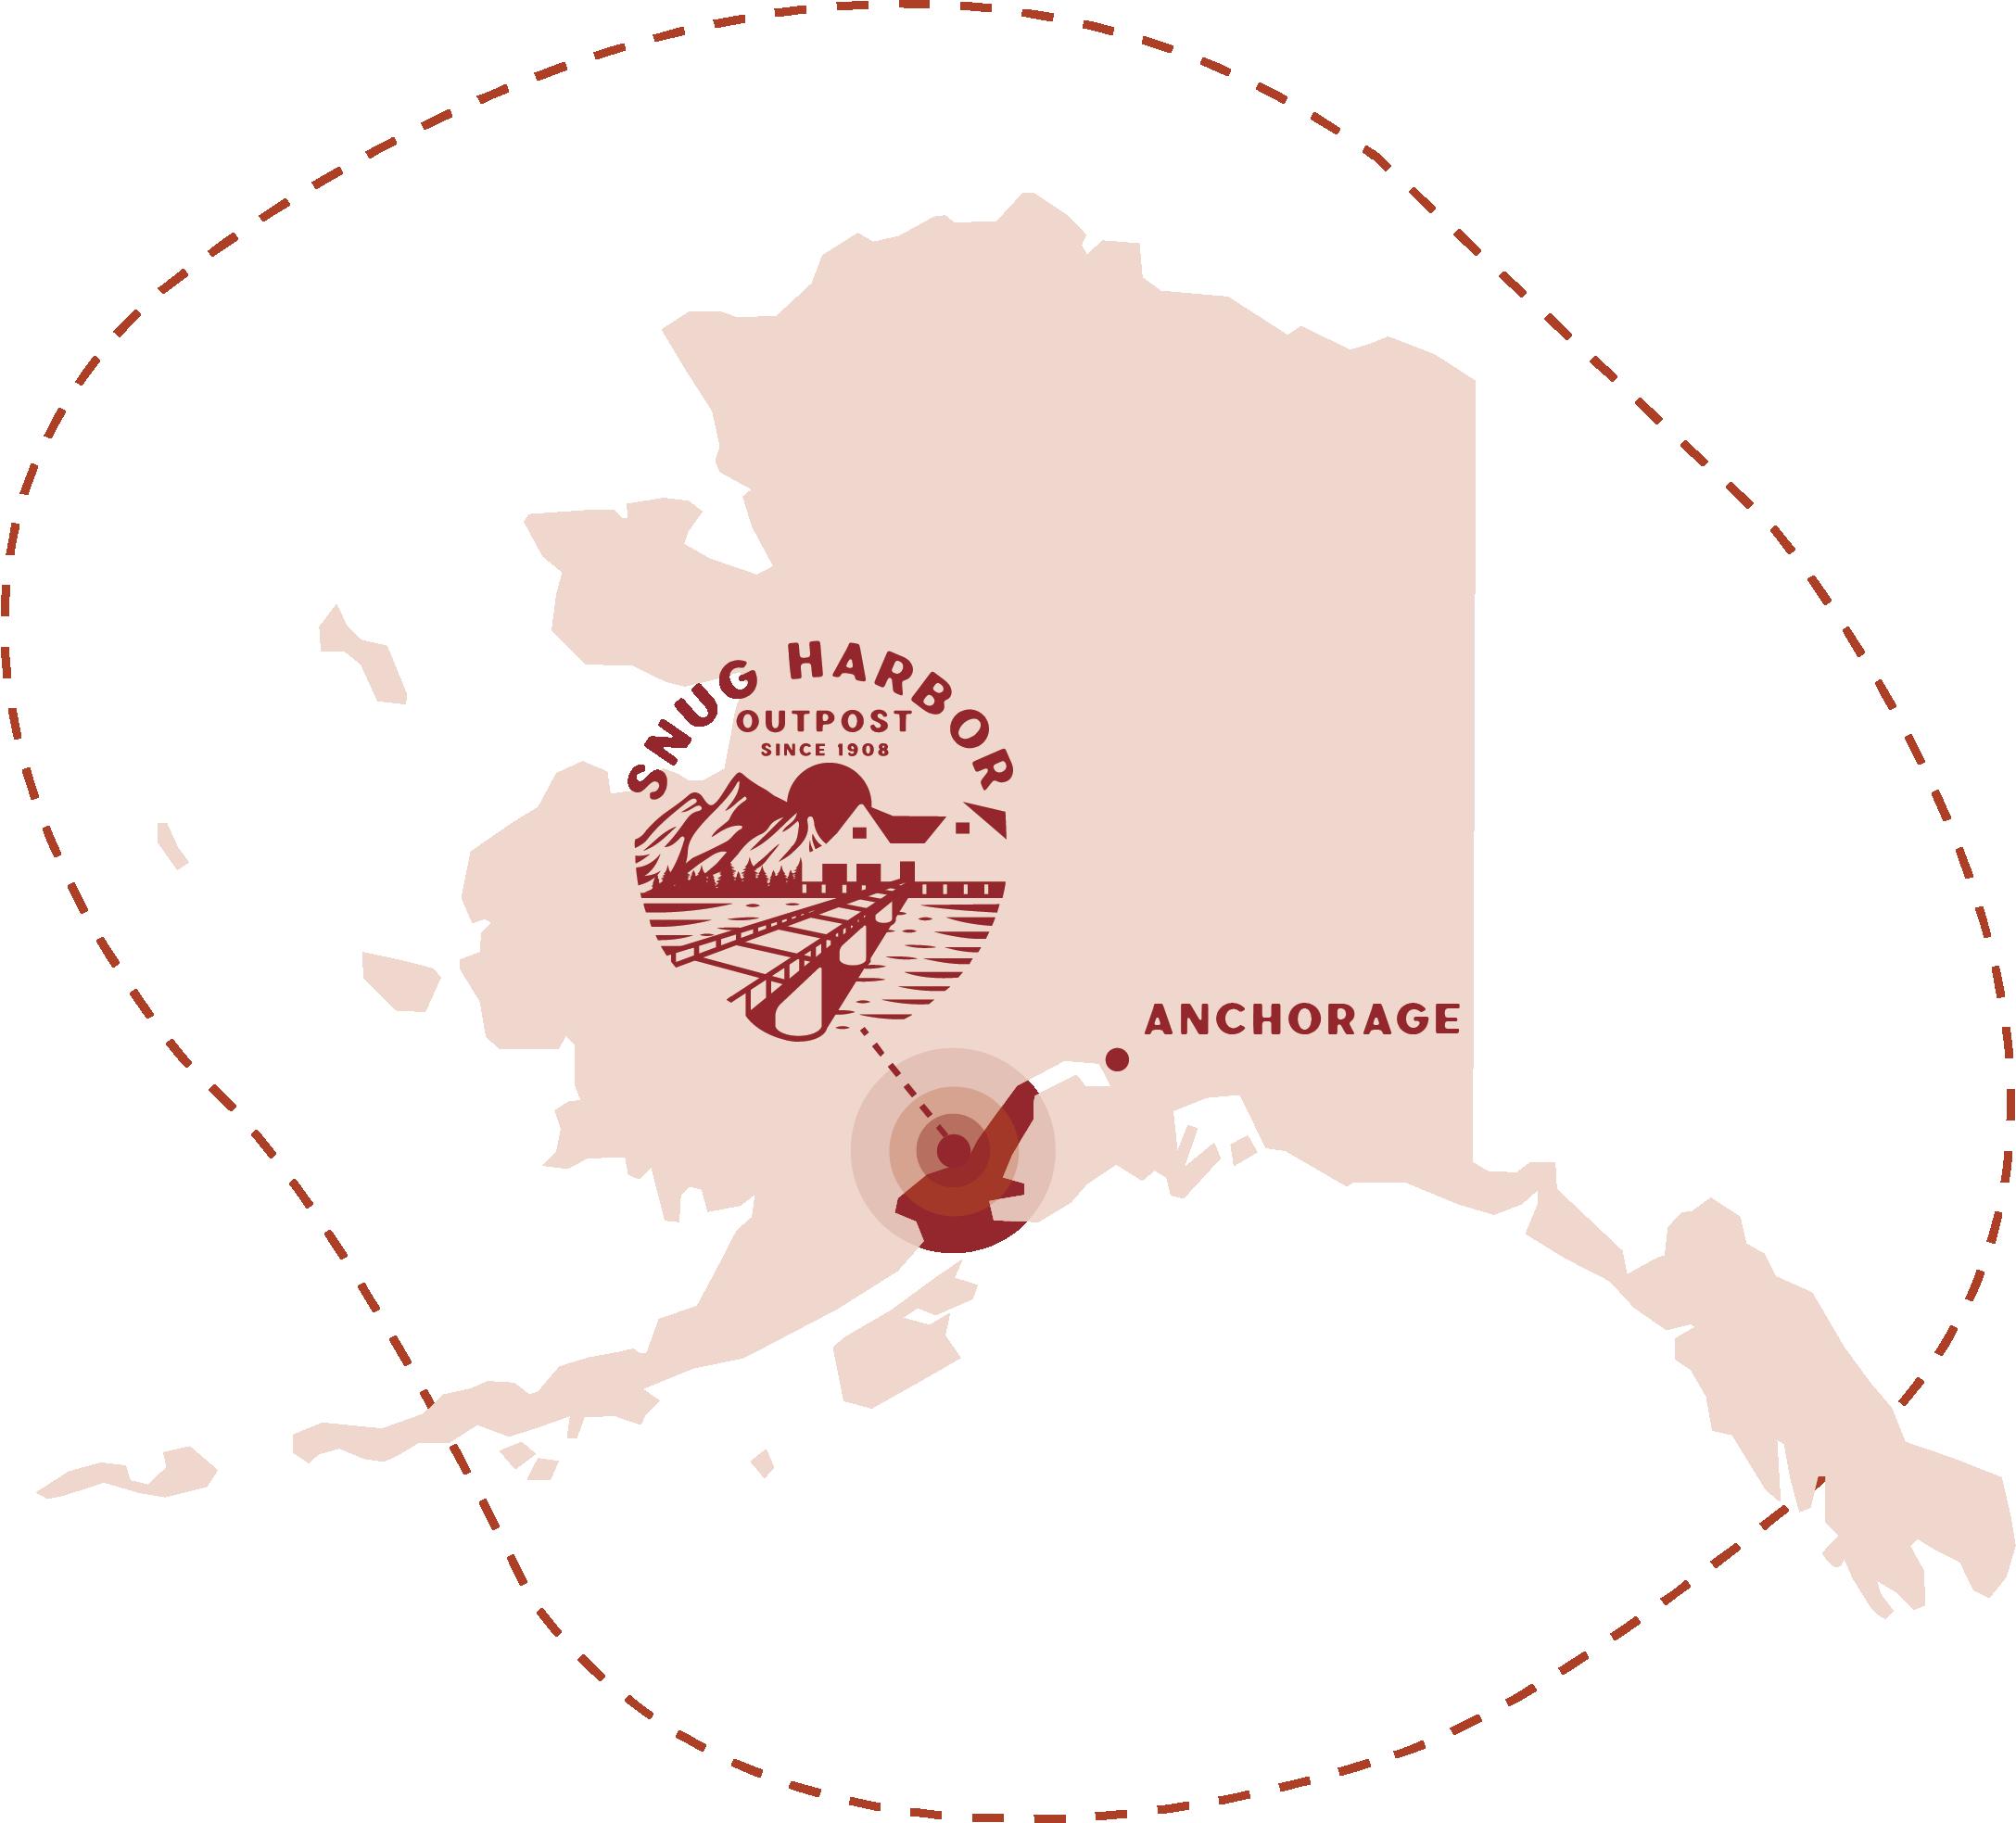 snug harbor outpost logo map